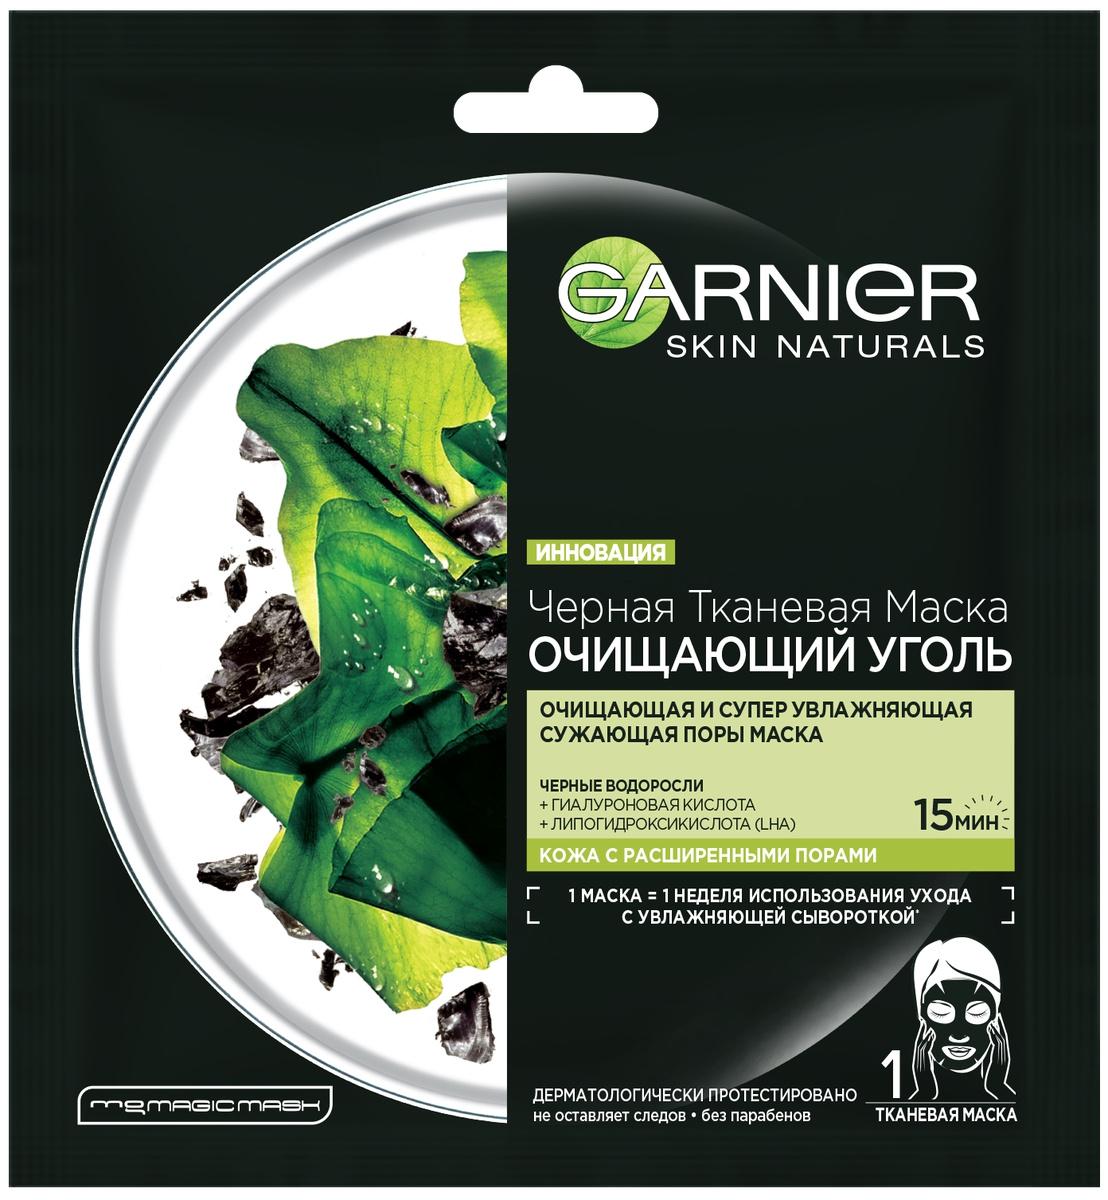 Garnier Увлажняющая черная тканевая маска Очищающий Уголь + Черные водоросли с гиуалроновой кислотой, #1